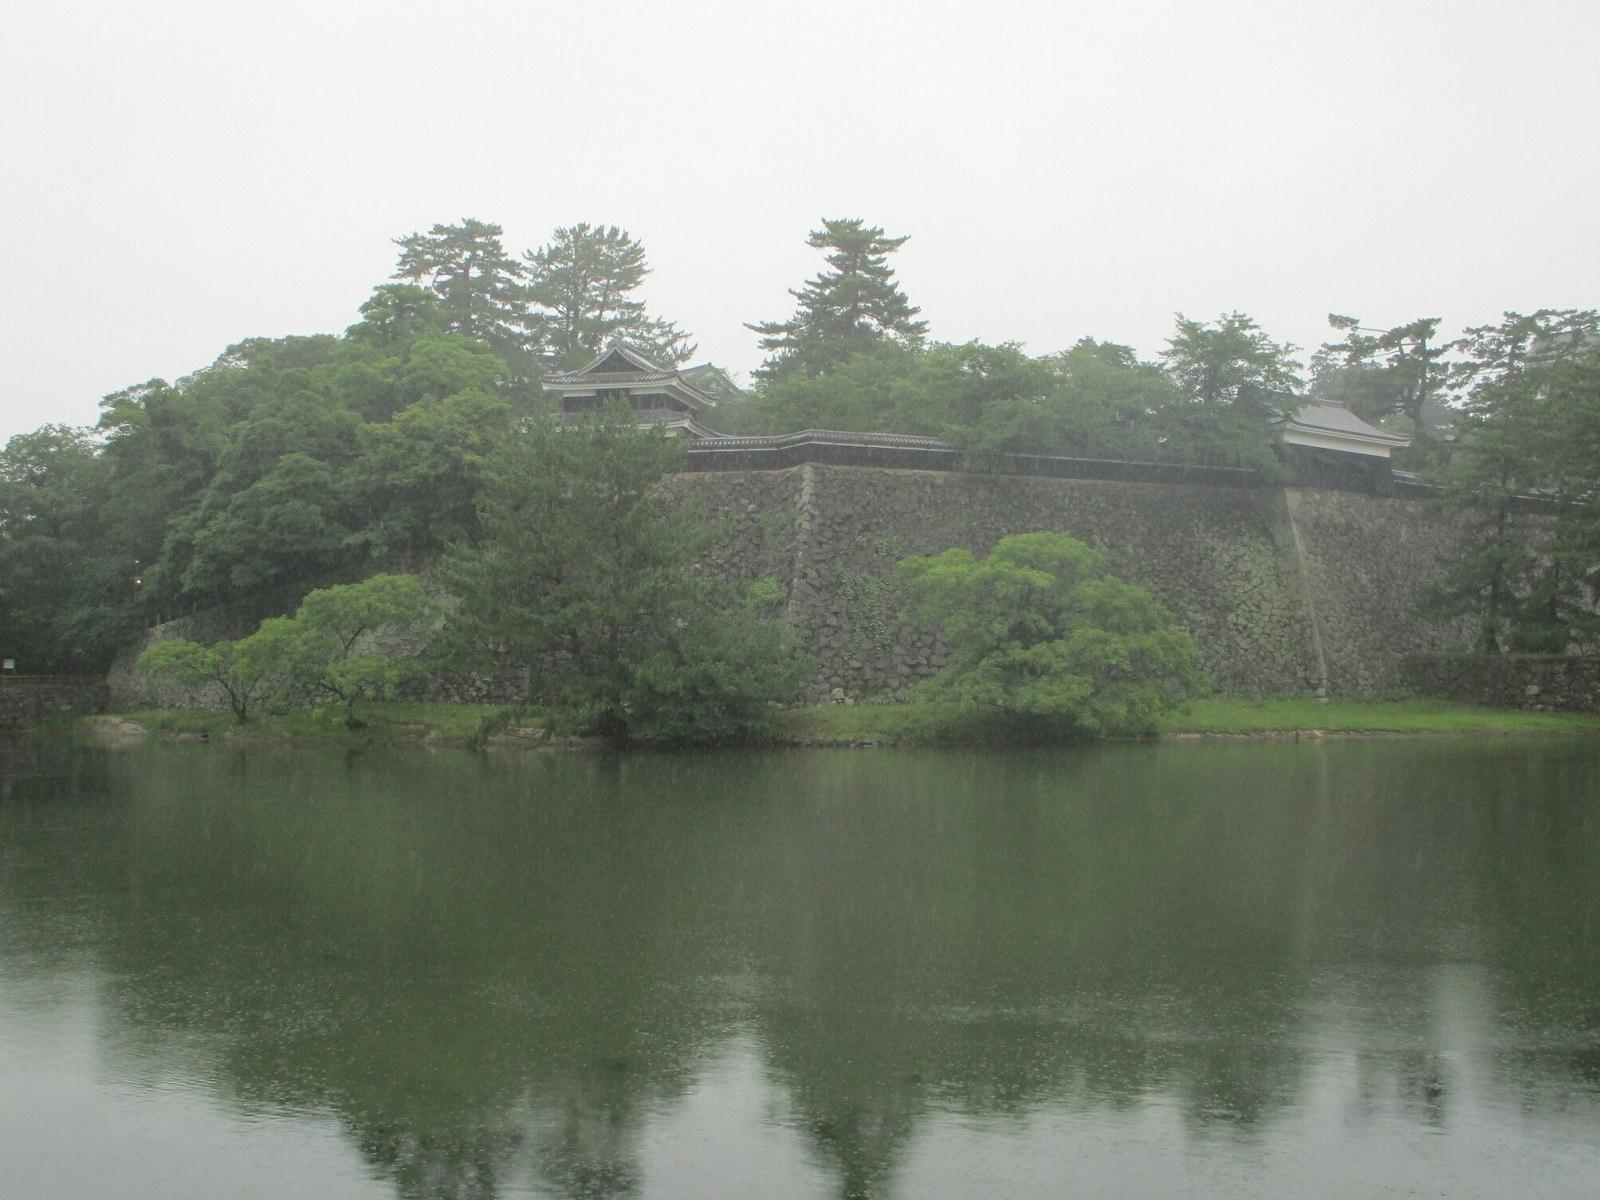 2018.7.7 (4) 松江城 - おほりばた 1600-1200